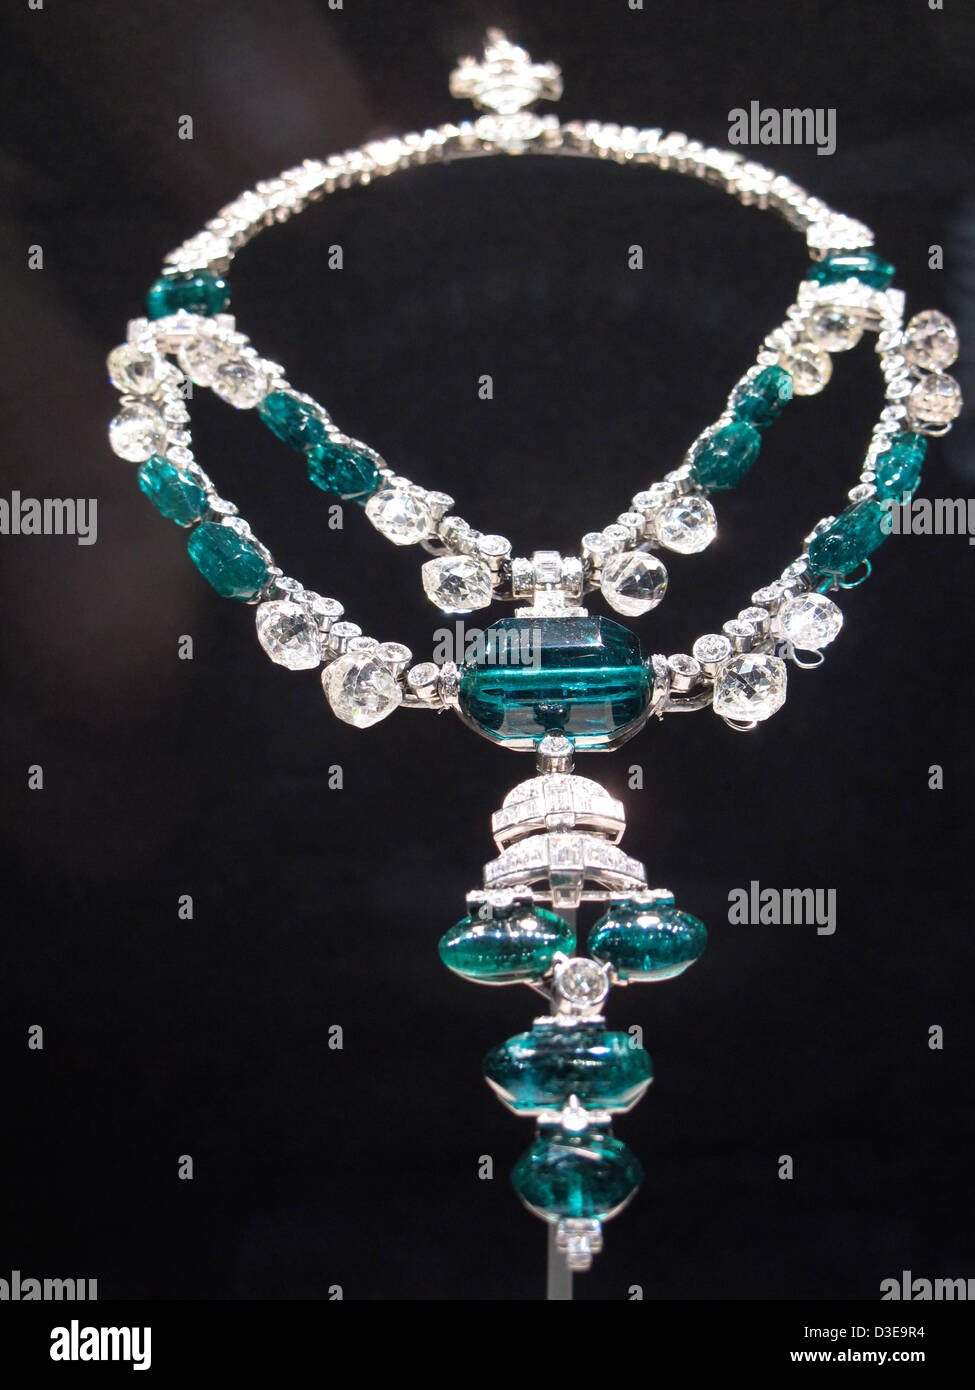 """Die """"Spanische Inquisition Halskette"""" oder Maharaja von Indore Smaragd Halskette. Stockbild"""